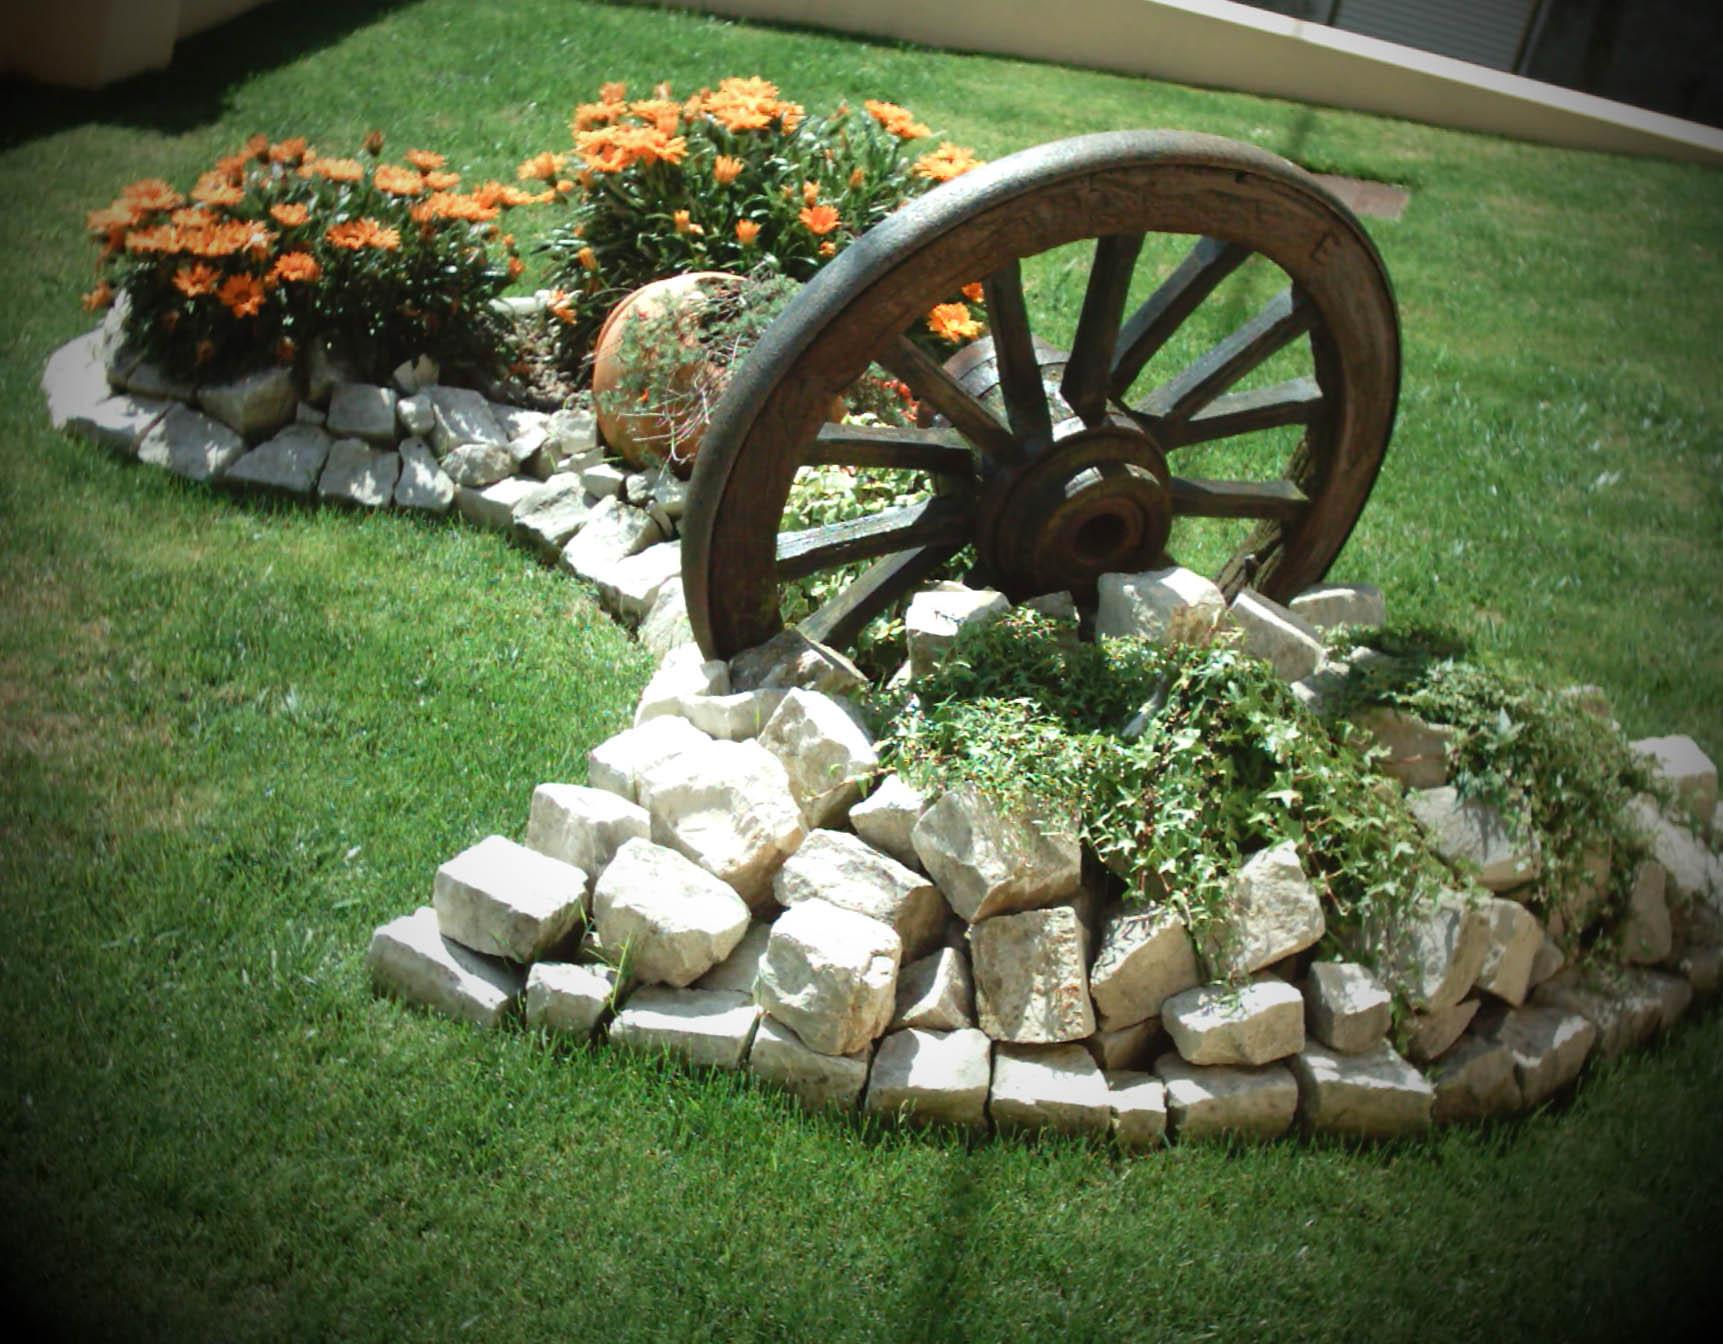 Fotos de pedras decorativas - Fotos decorativas ...